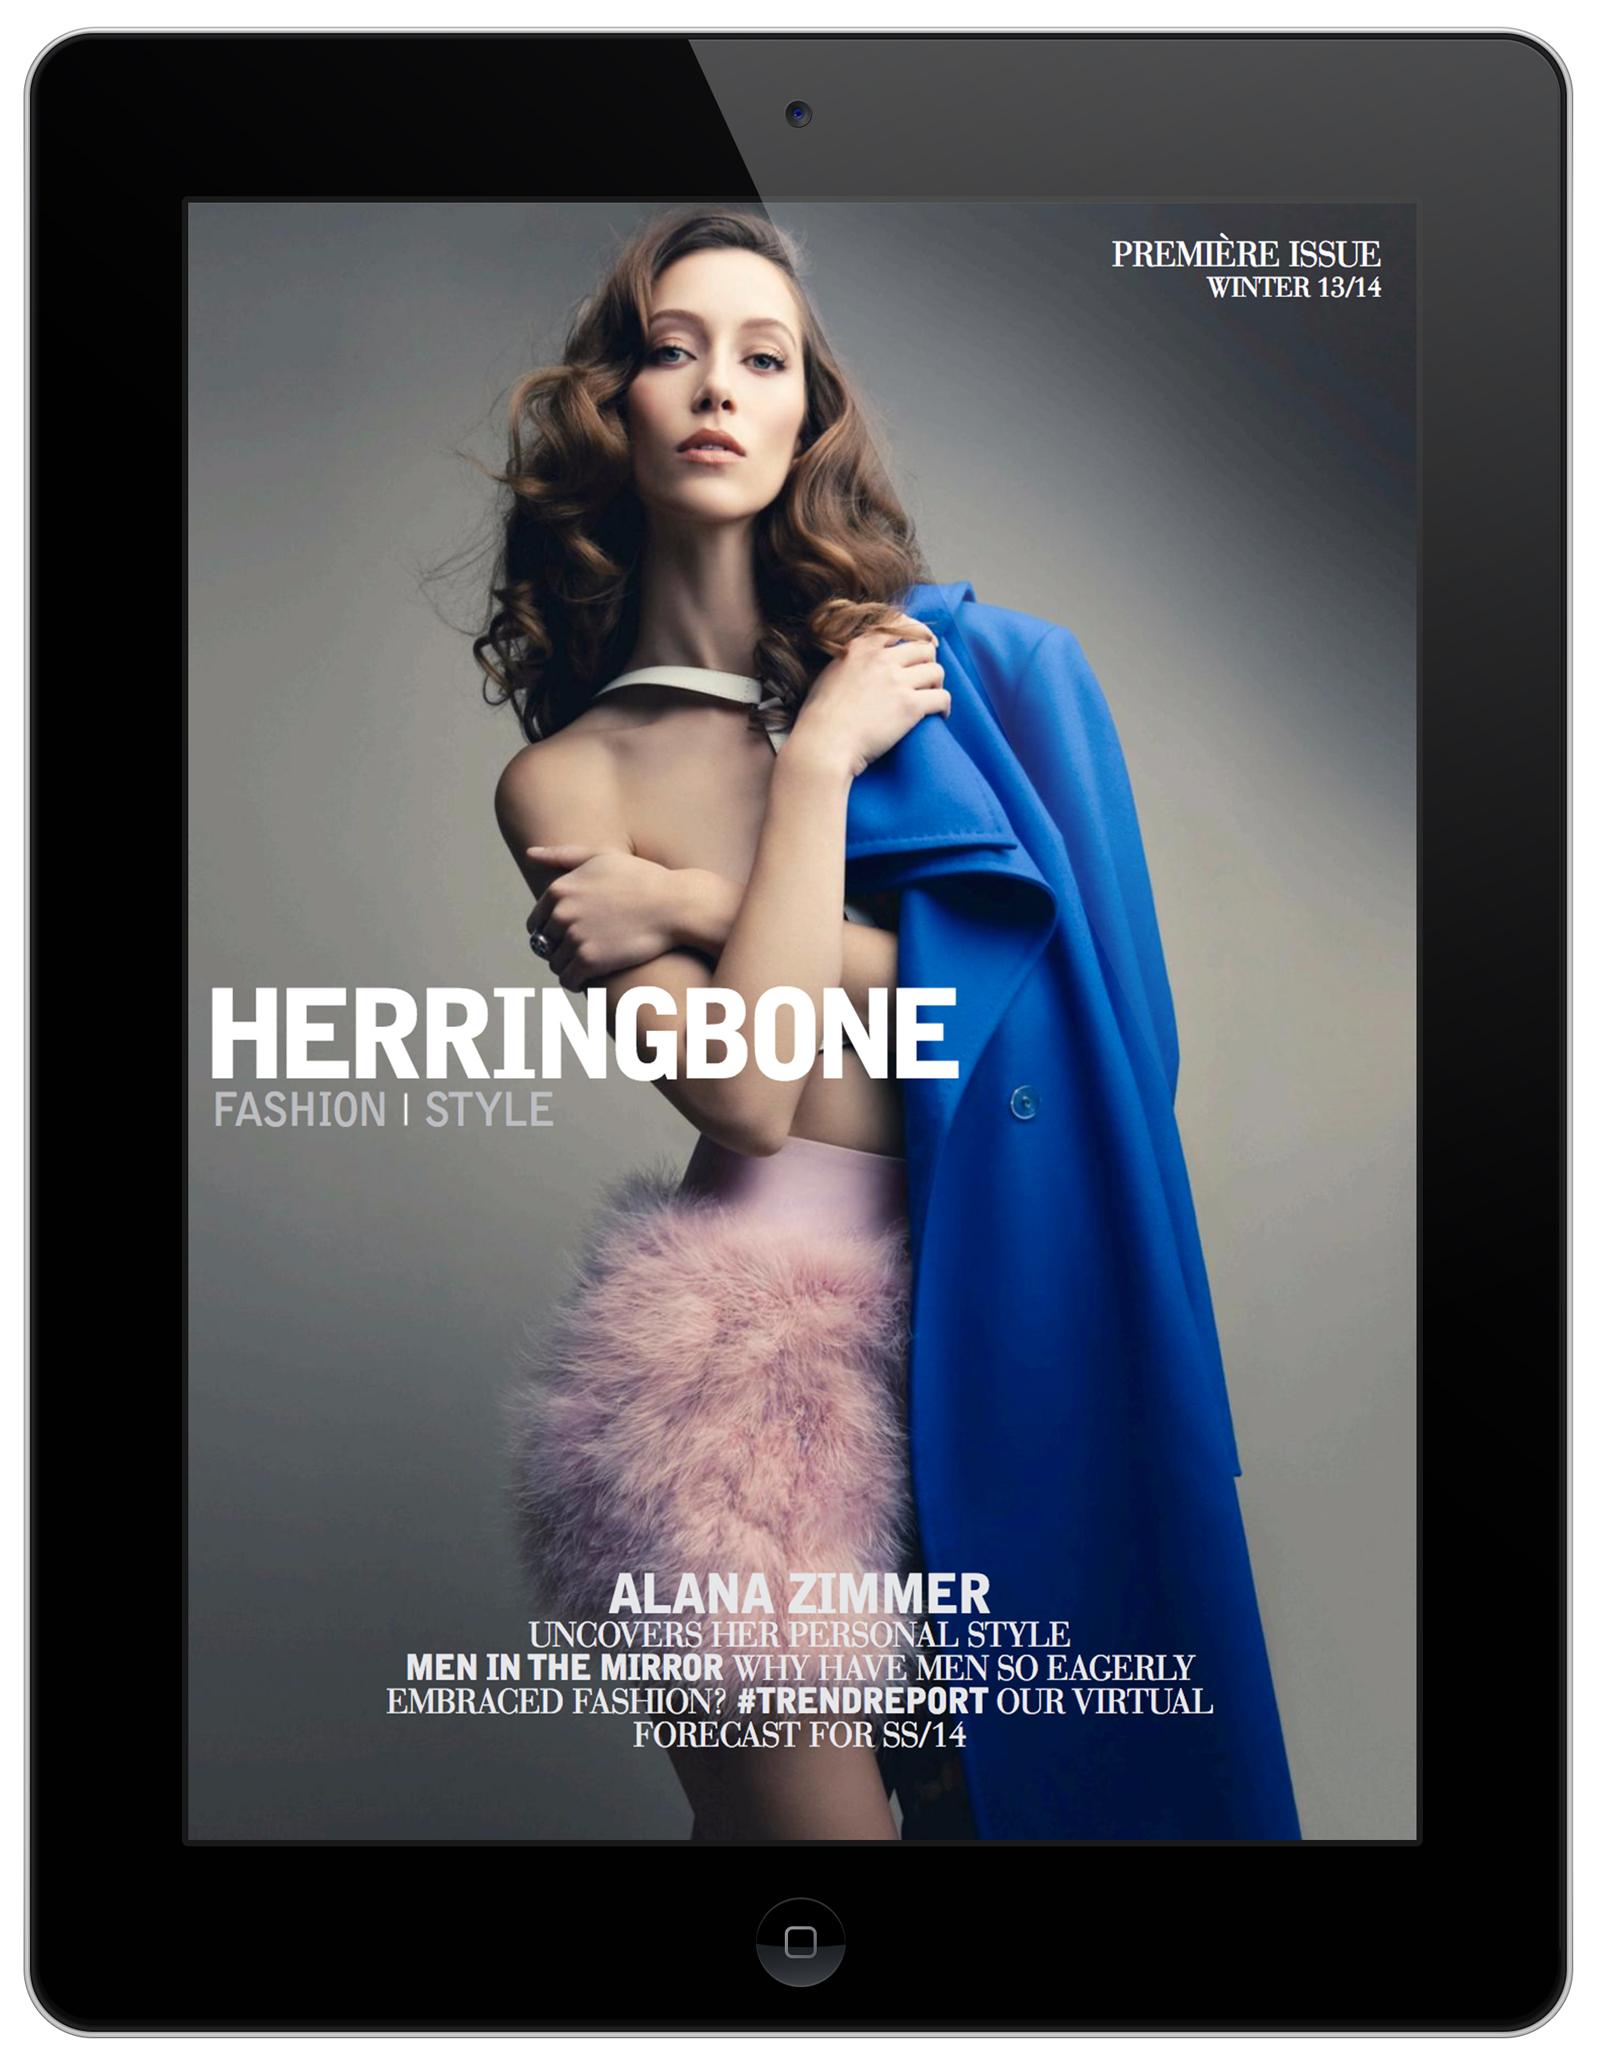 herringbone-1.jpg